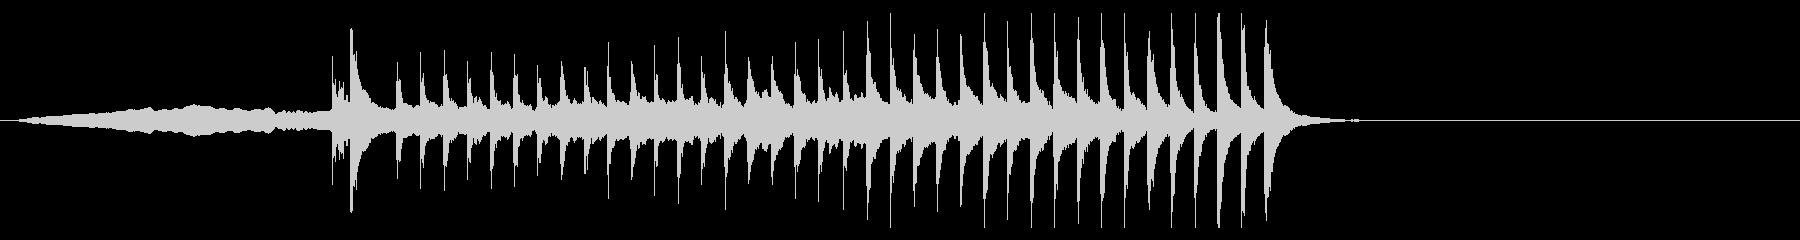 歌舞伎・能◆幽霊 横笛 篠笛 小太鼓 の未再生の波形